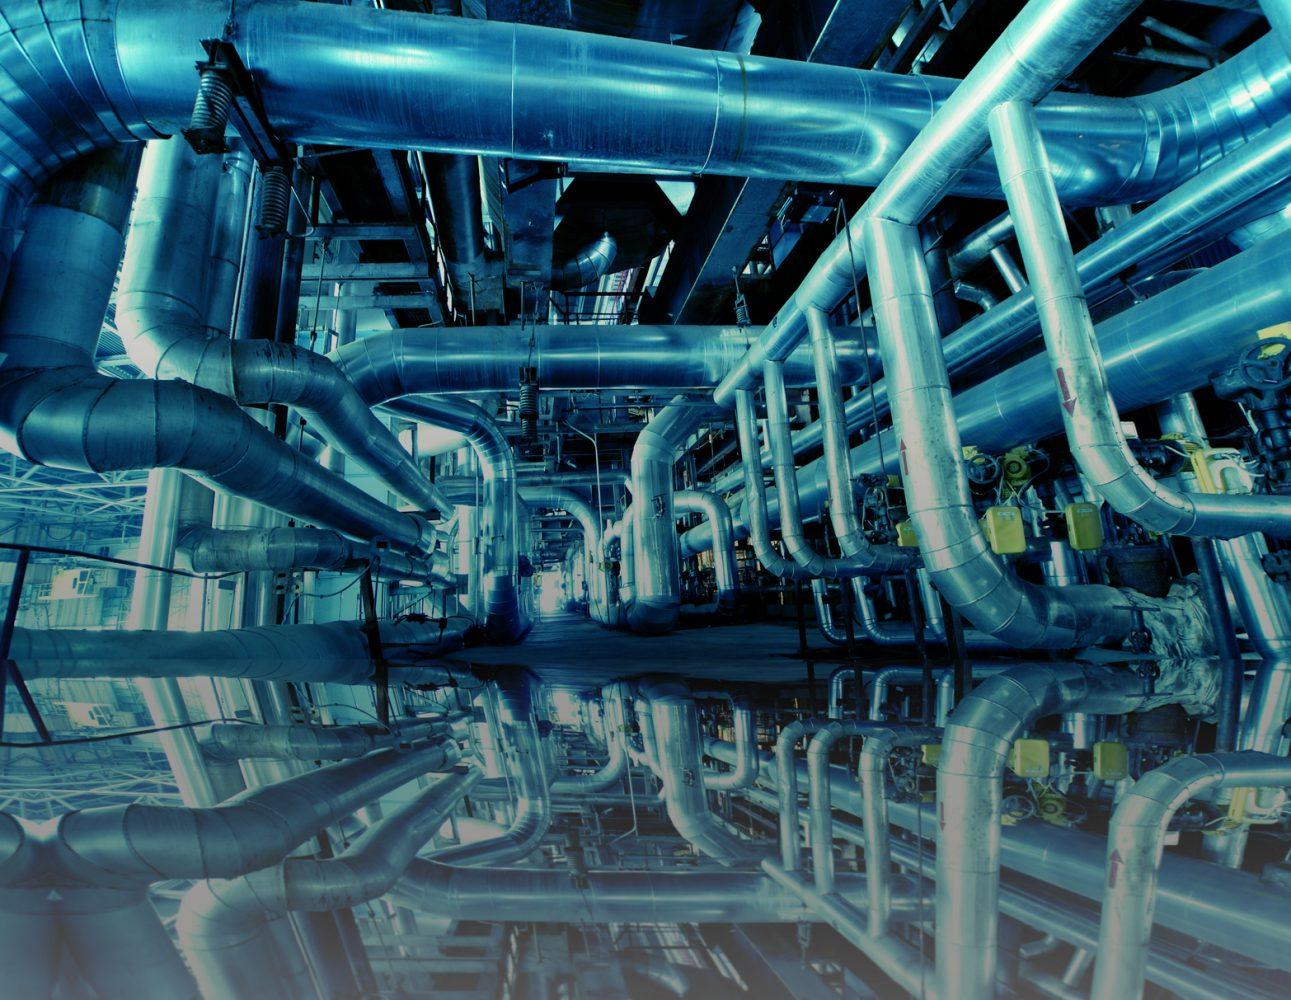 سیستم های تهویه صنعتی و تصفیه کننده هوا - غبارگیر صنعتی